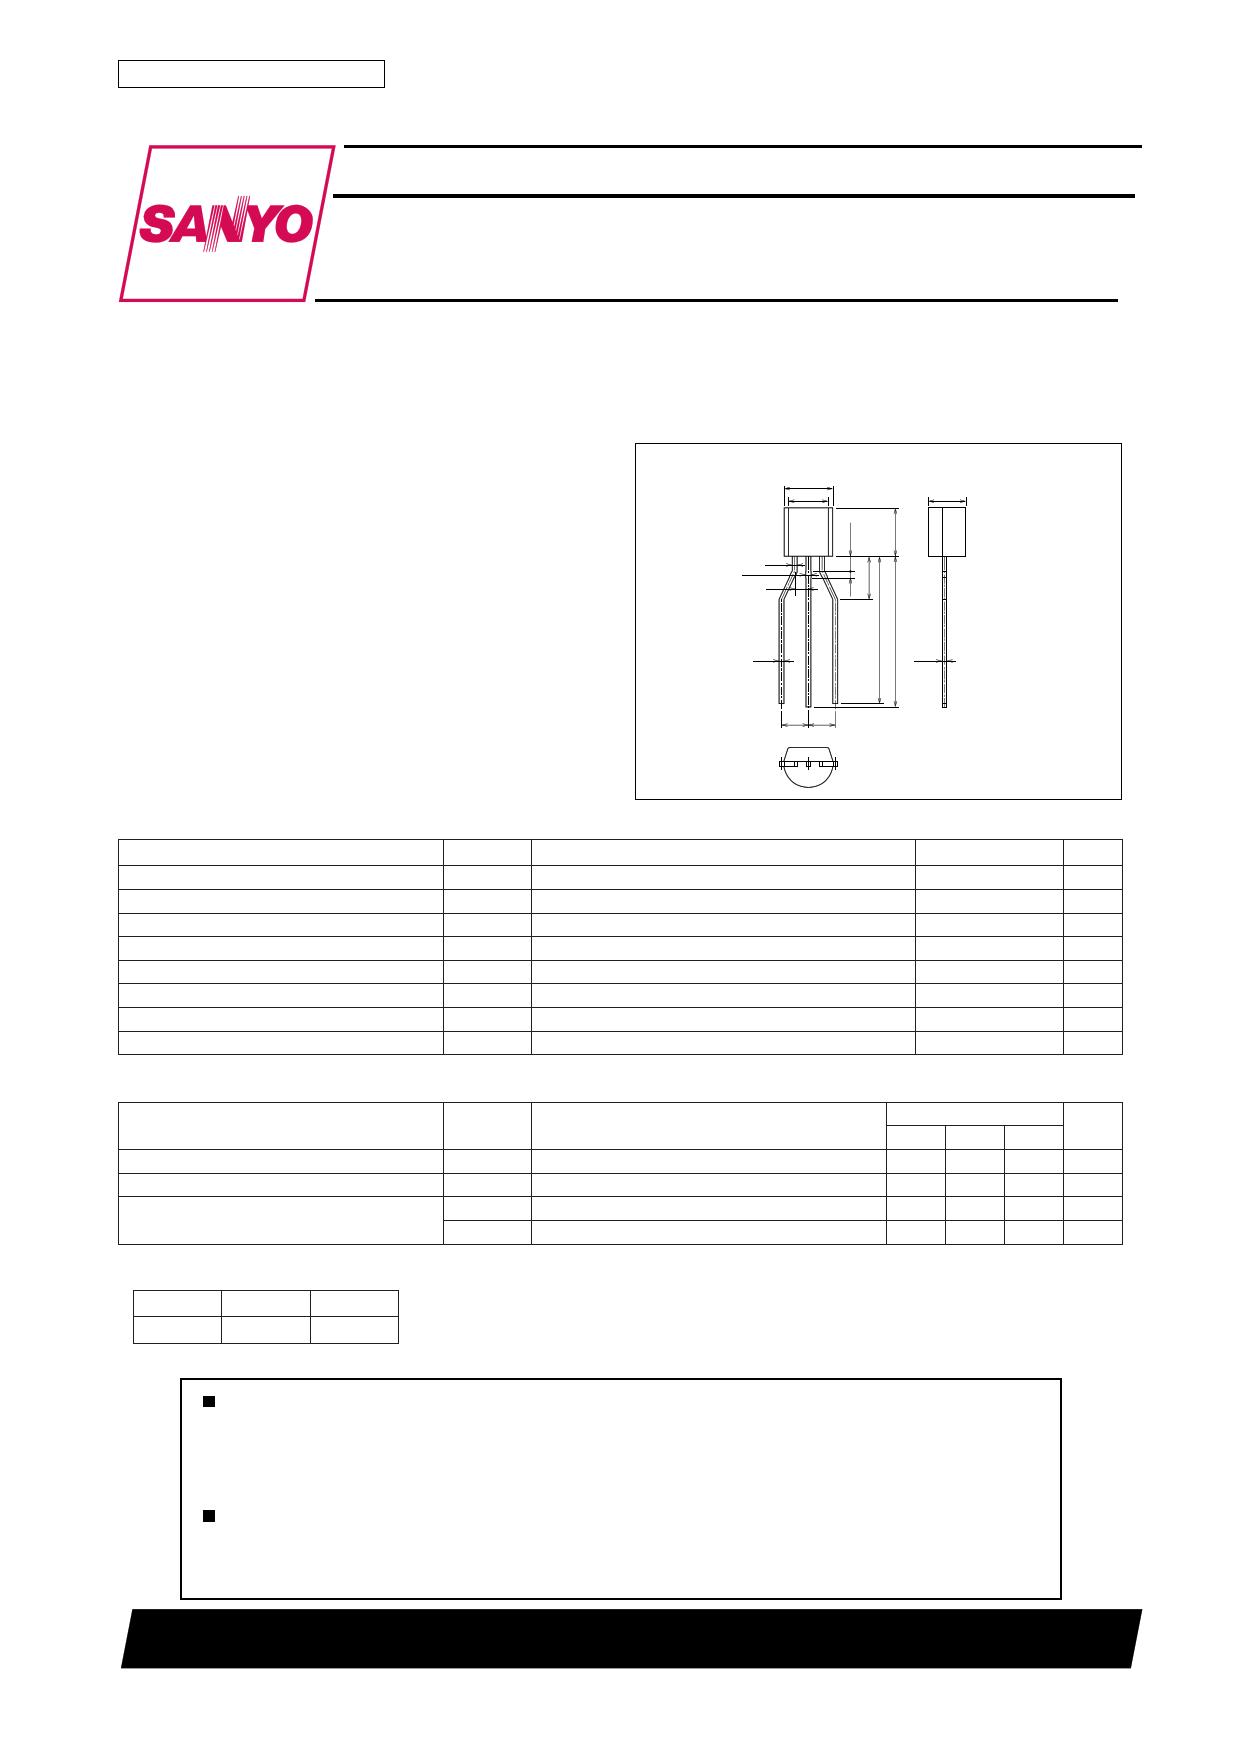 2SA608 Datasheet, 2SA608 PDF,ピン配置, 機能